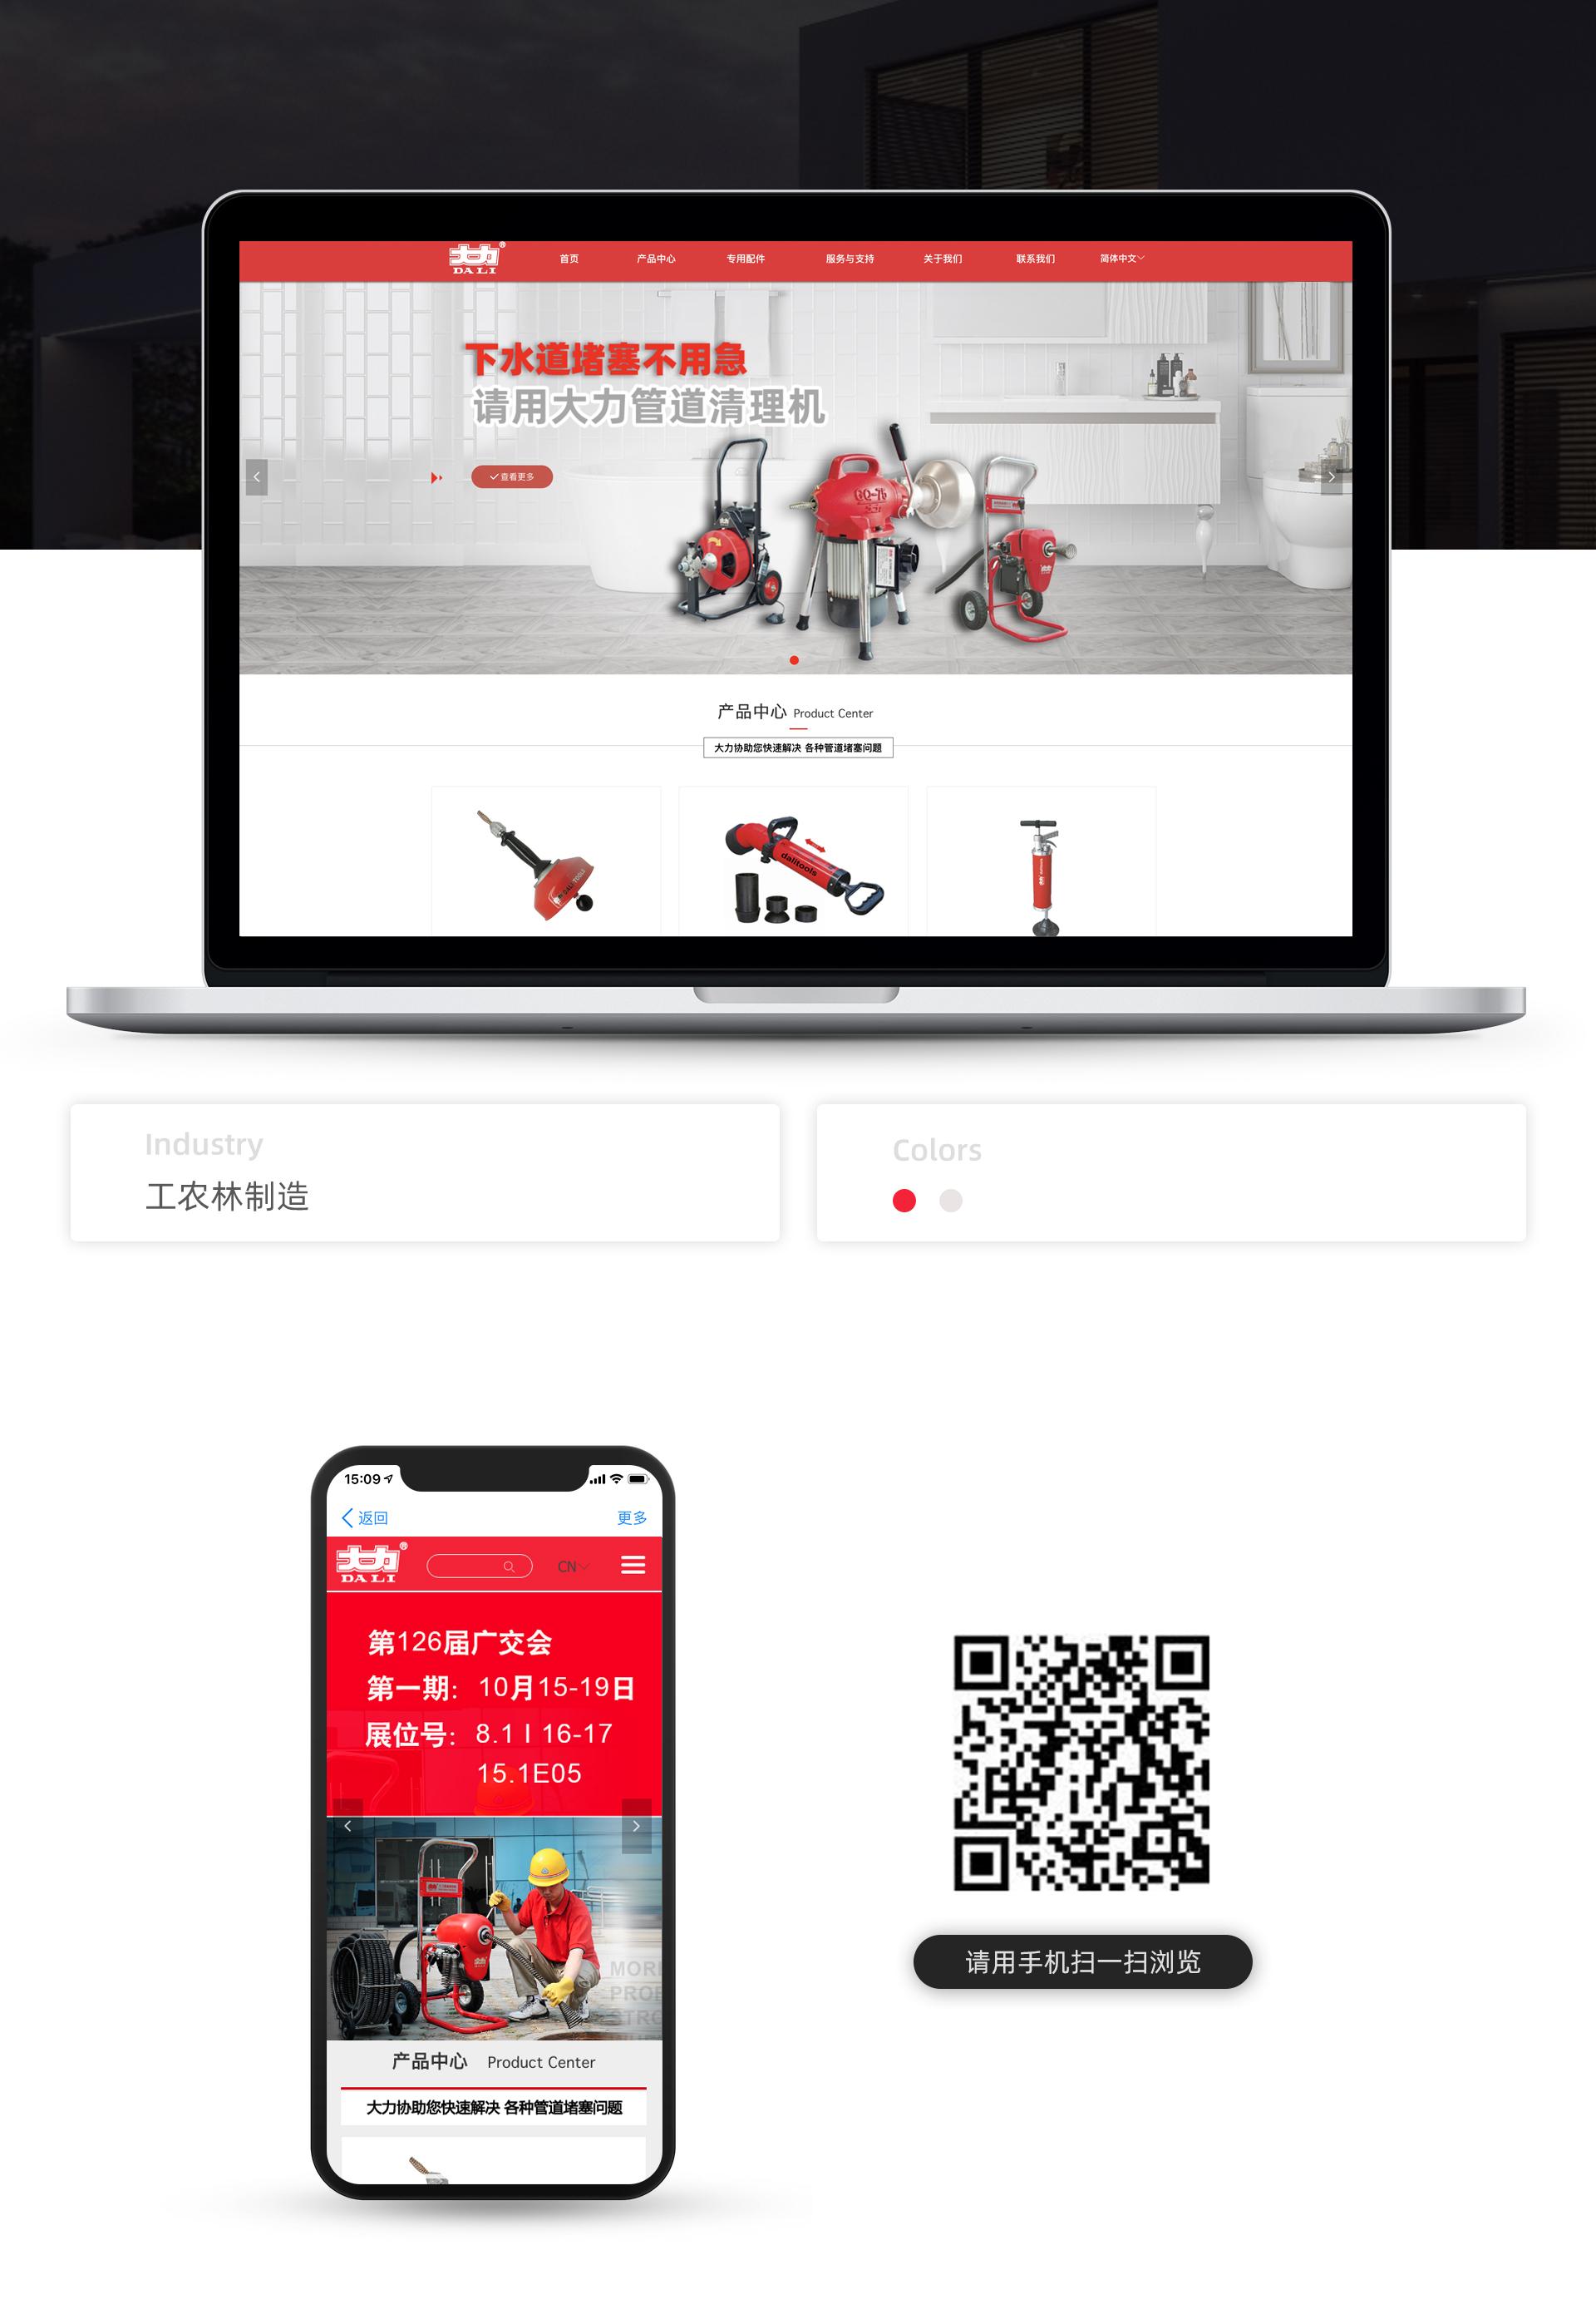 内页-云企案例设计简介-有手机版203665856260811